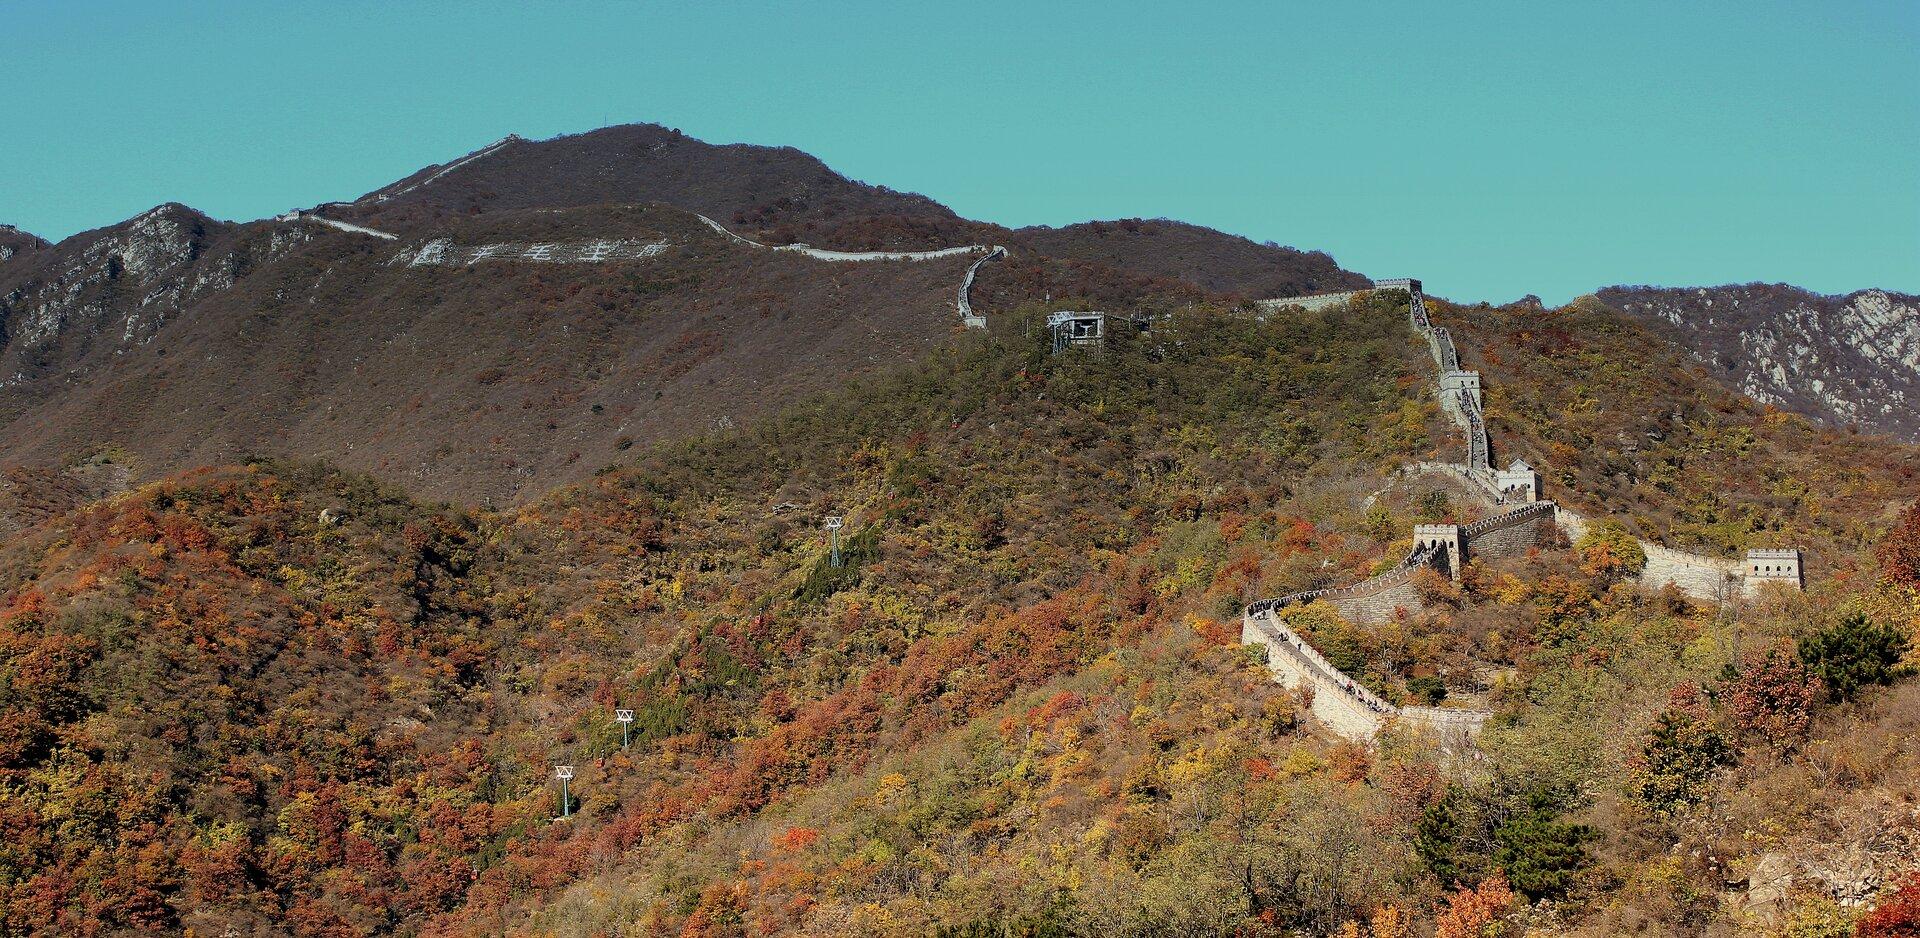 Na zdjęciu góry. Stoki gór widocznych na pierwszym planie pokrywa roślinność – las liściasty podczas jesieni. Kolory zielone, żółte, czerwone ibrązowe. Wyższe partie gór słabiej pokryte roślinnością. Wzdłuż górskich szczytów wysoki iszeroki mur. Na murze droga, po której spacerują turyści. Co kilkaset metrów na murze jest wieża obserwacyjna.